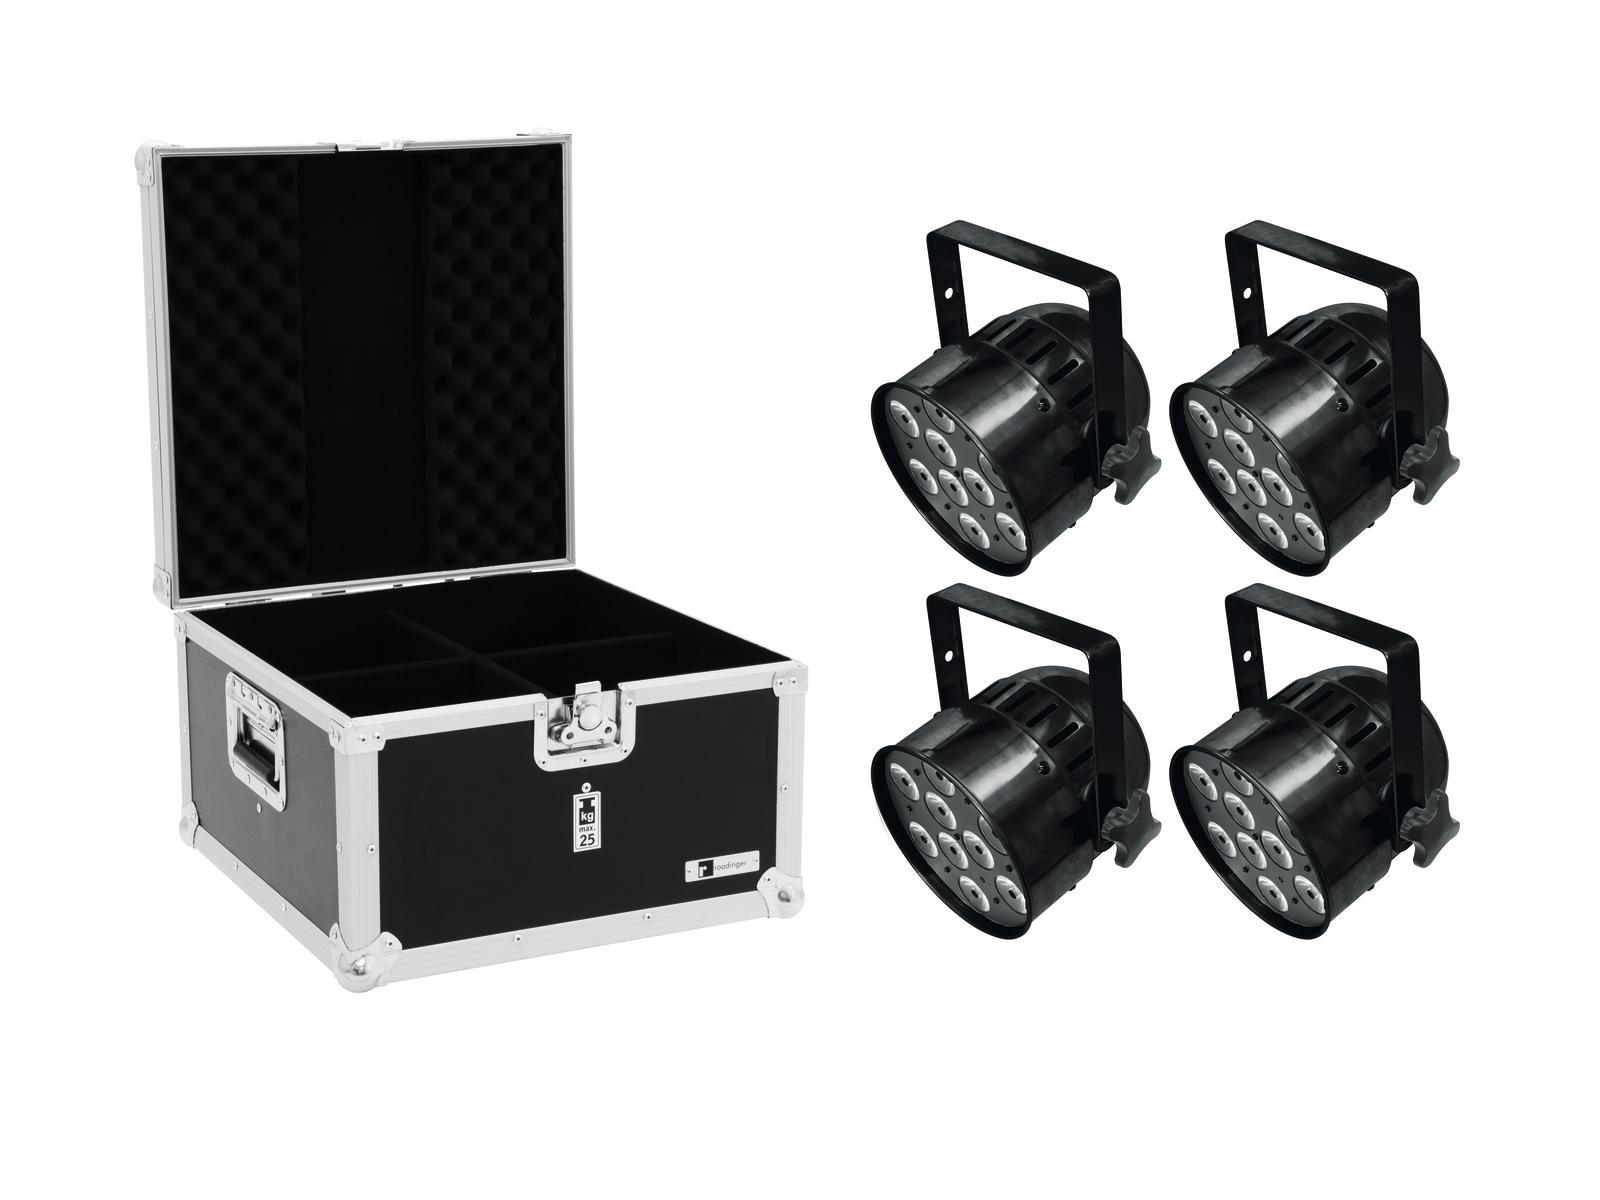 eurolite-set-4x-led-par-56-hcl-short-sw-eps-case